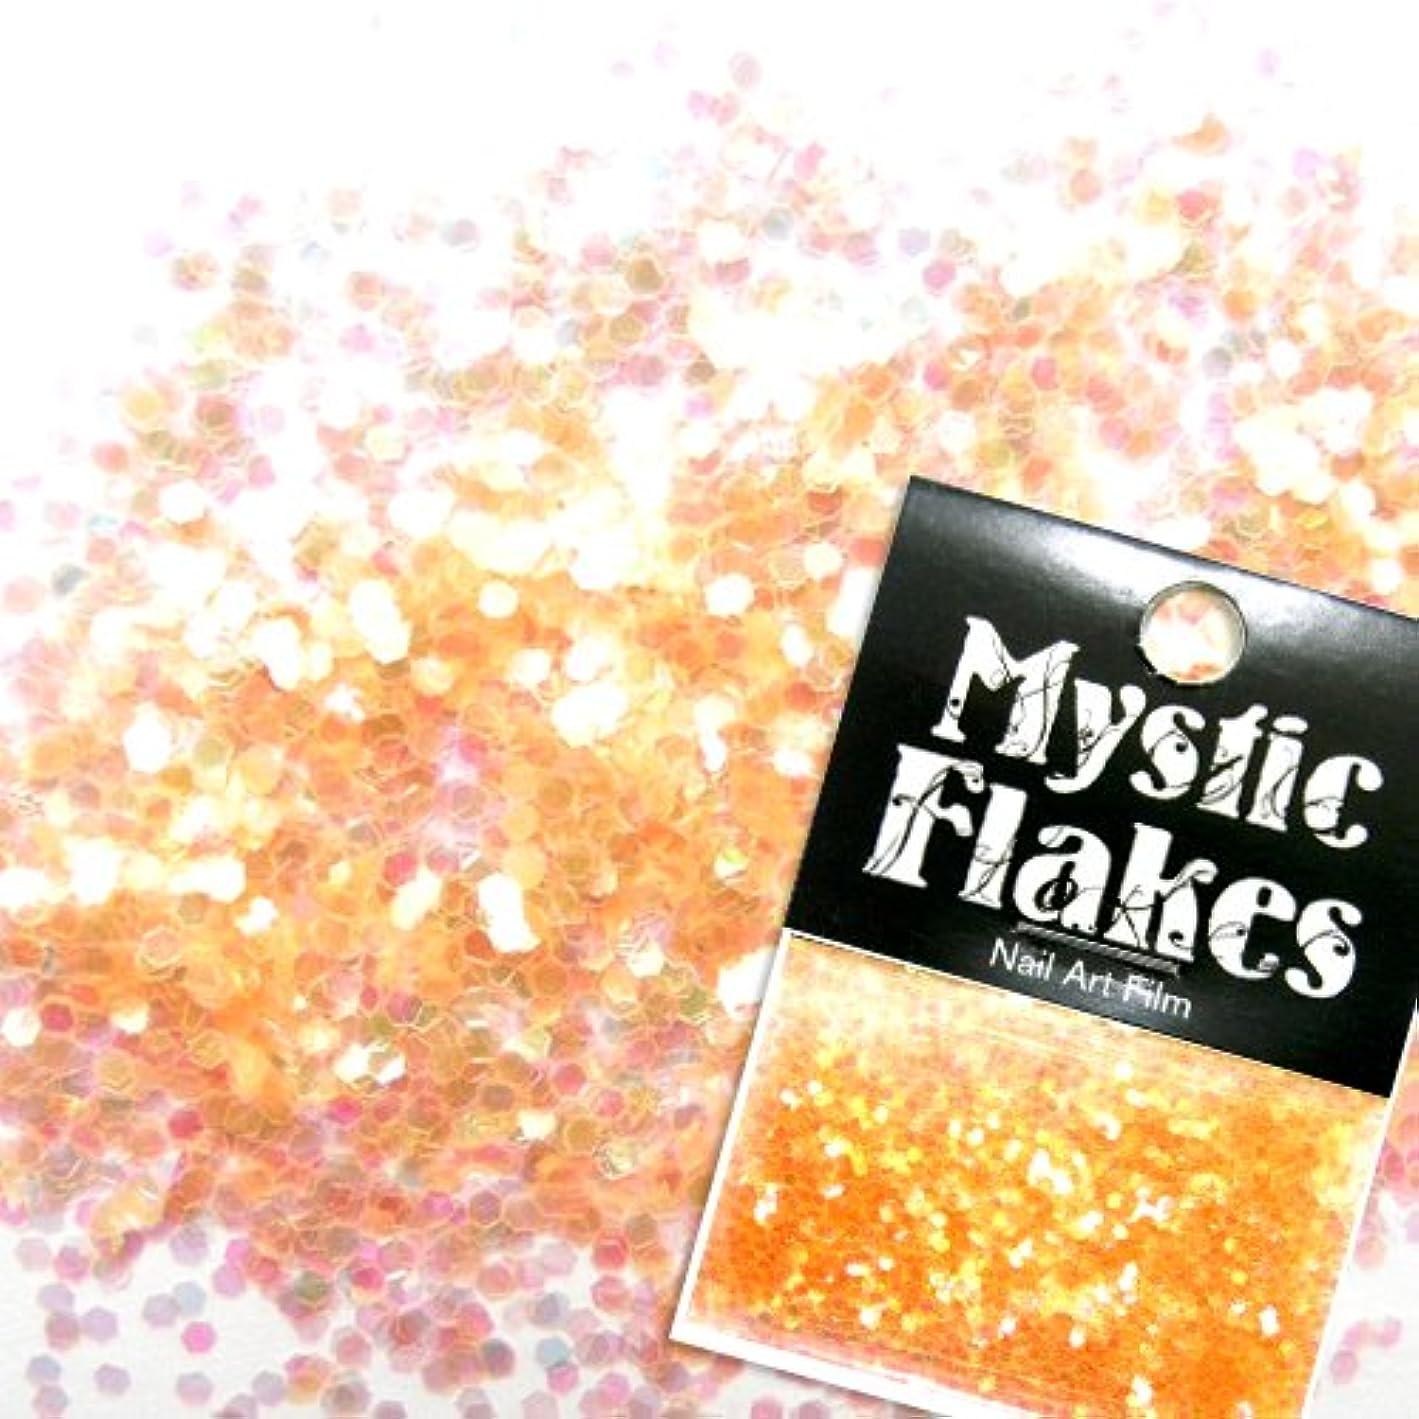 発火する圧縮された疑問に思うミスティックフレース ネイル用ストーン パールオレンジ ヘキサゴン 1mm 0.5g